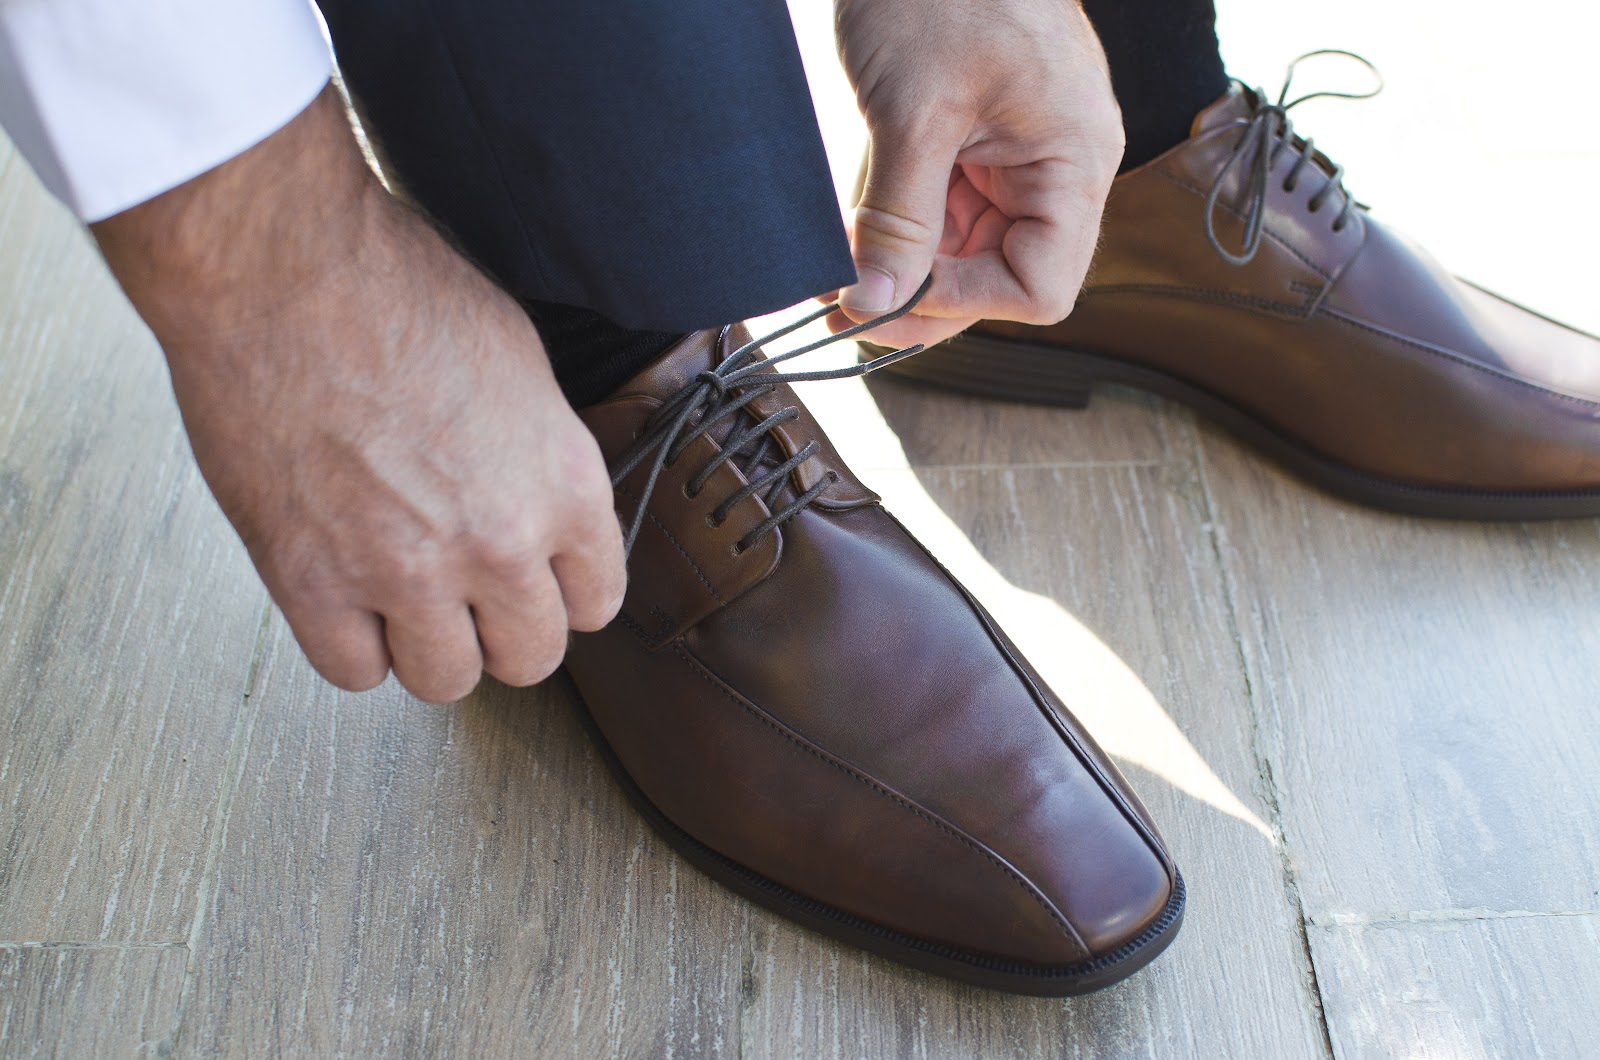 Tying up shoelaces